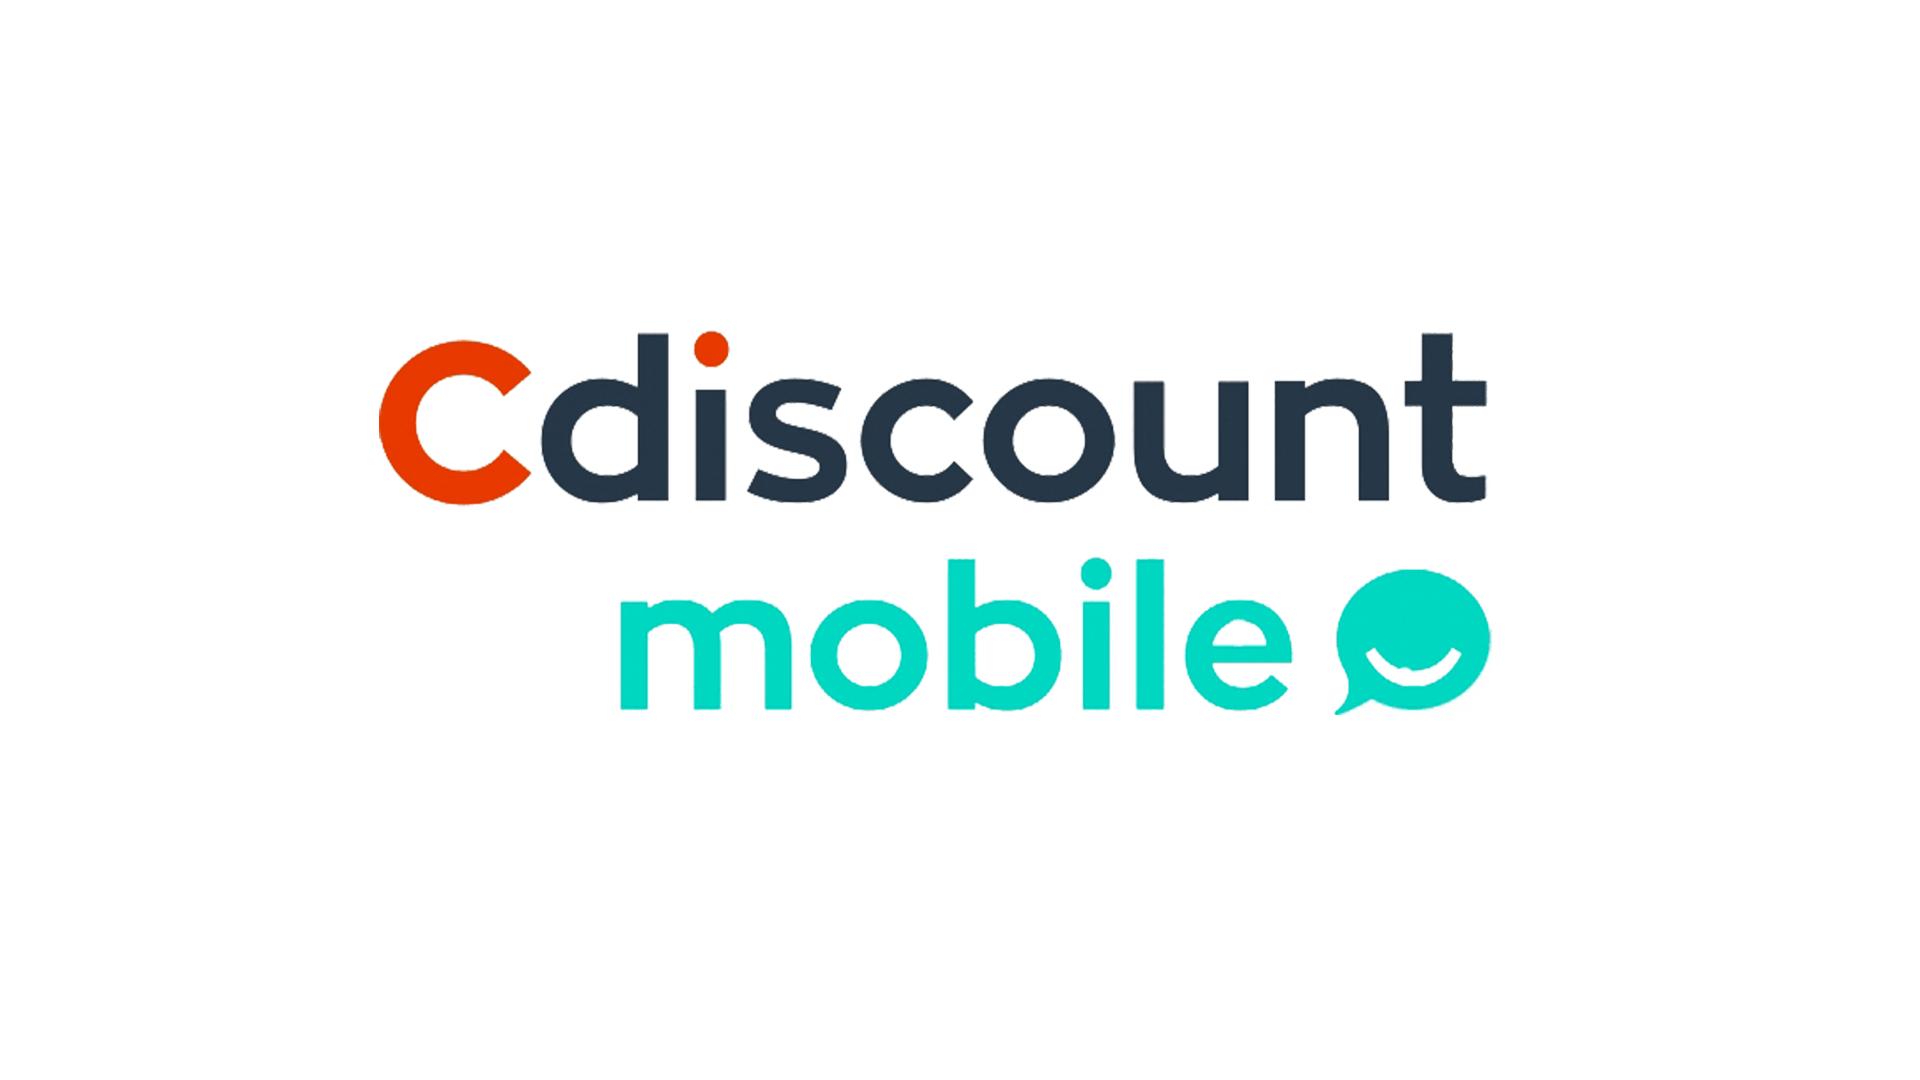 🔥 Bon plan : Cdiscount propose un forfait 100 Go pour 20 euros par mois